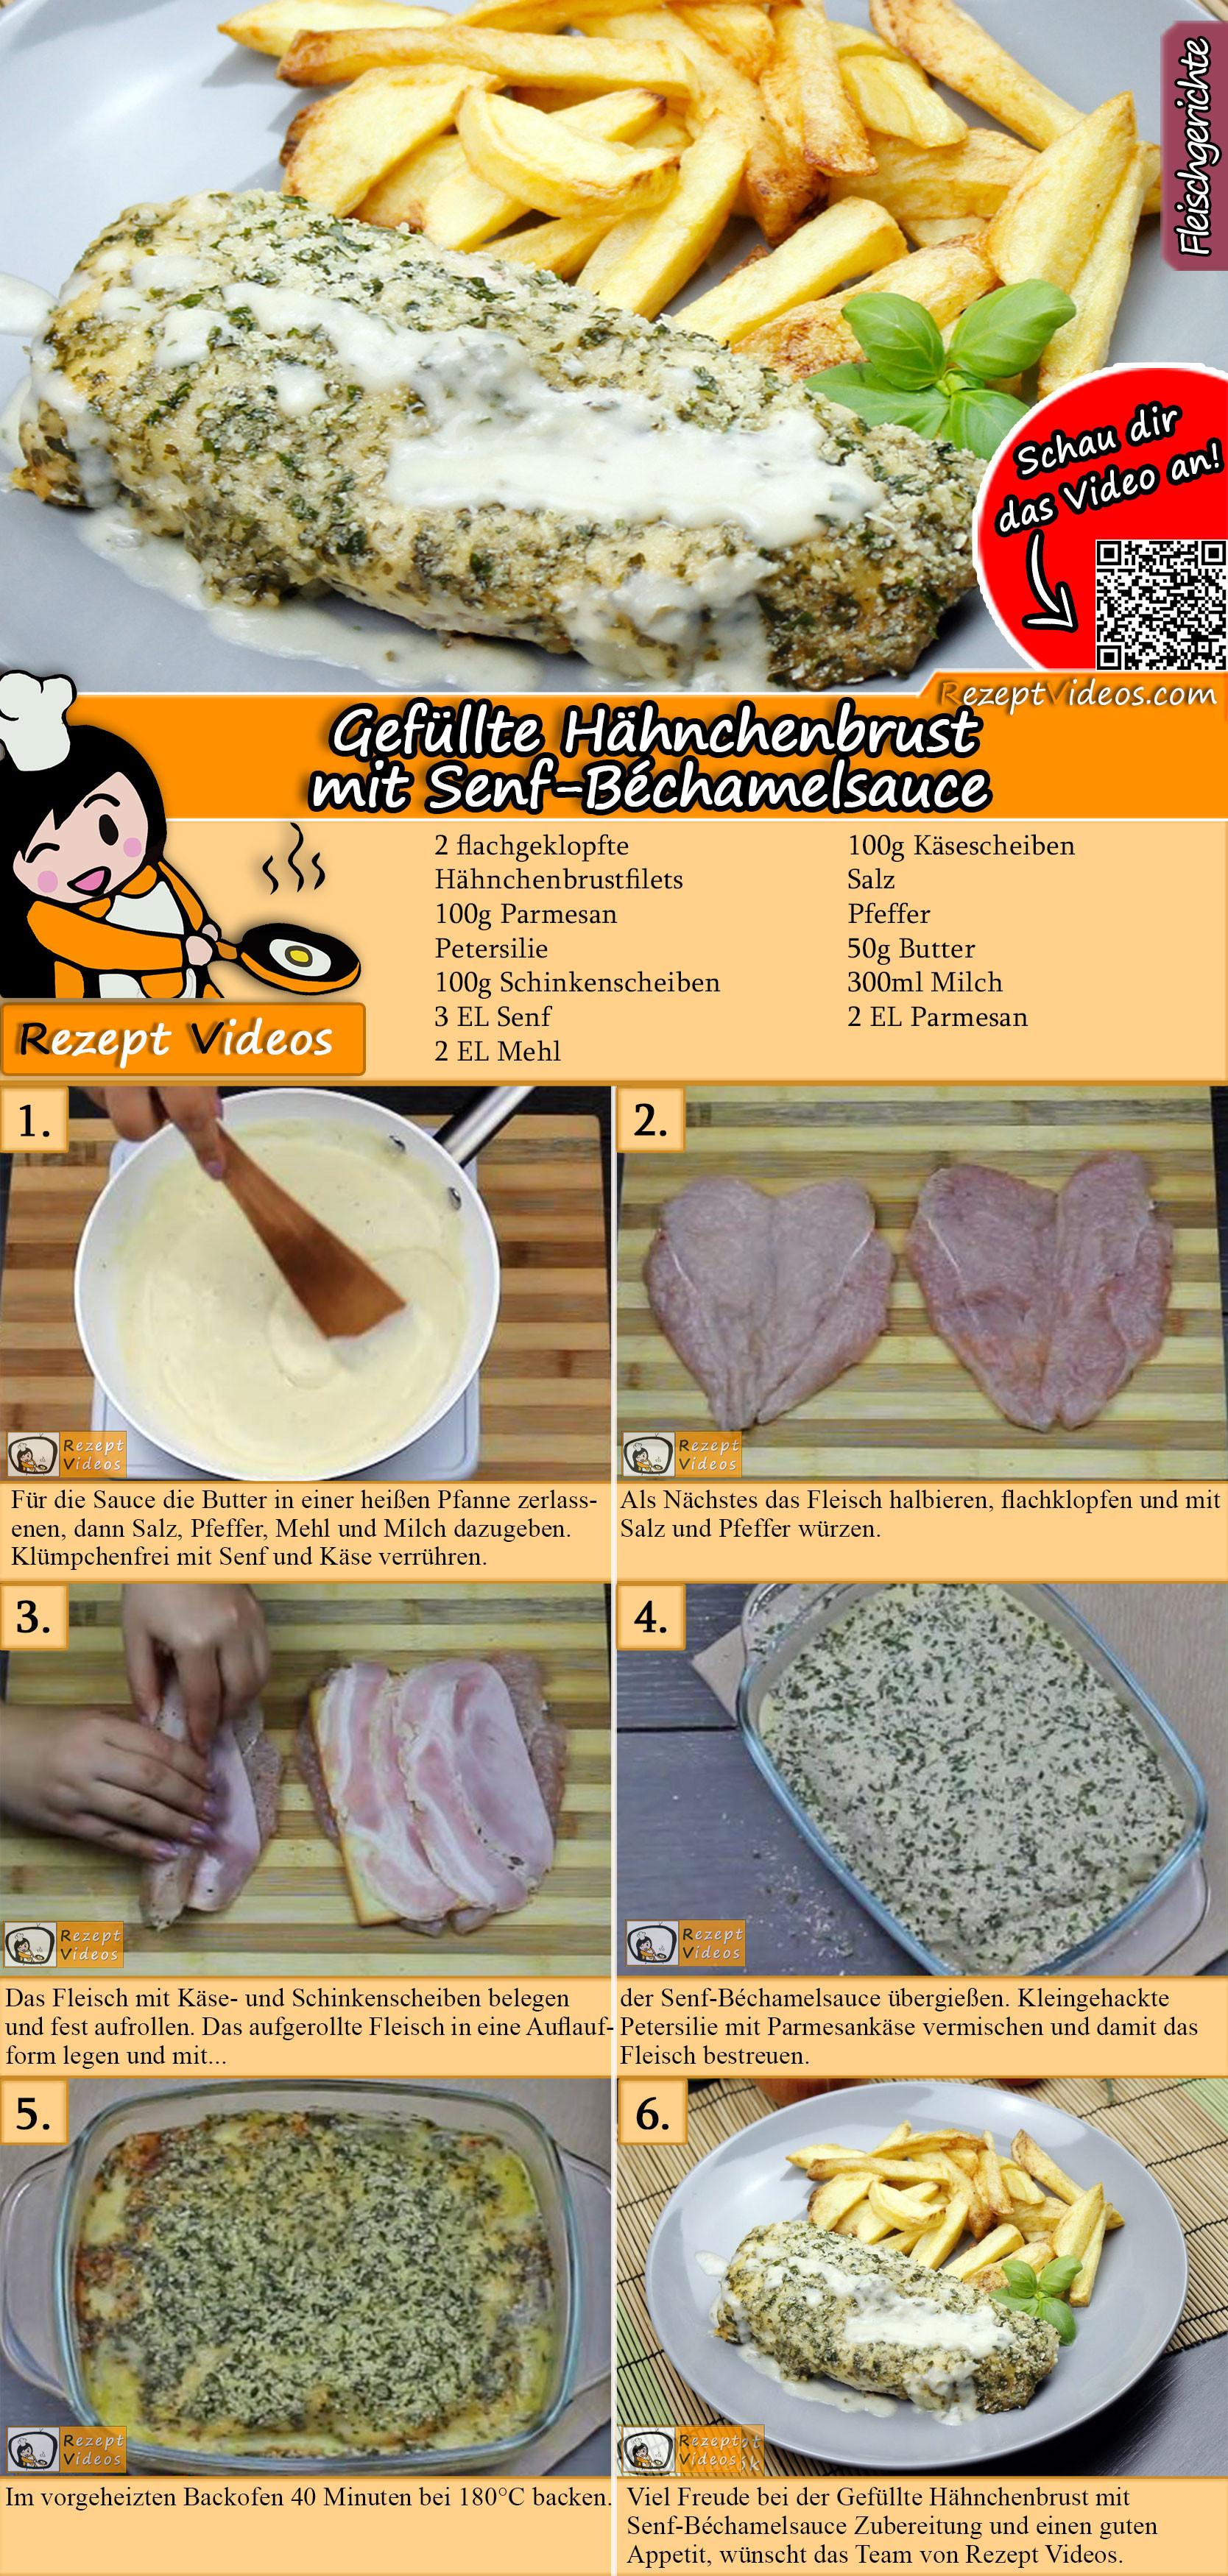 Gefüllte Hähnchenbrust mit Senf-Béchamelsauce Rezept mit Video